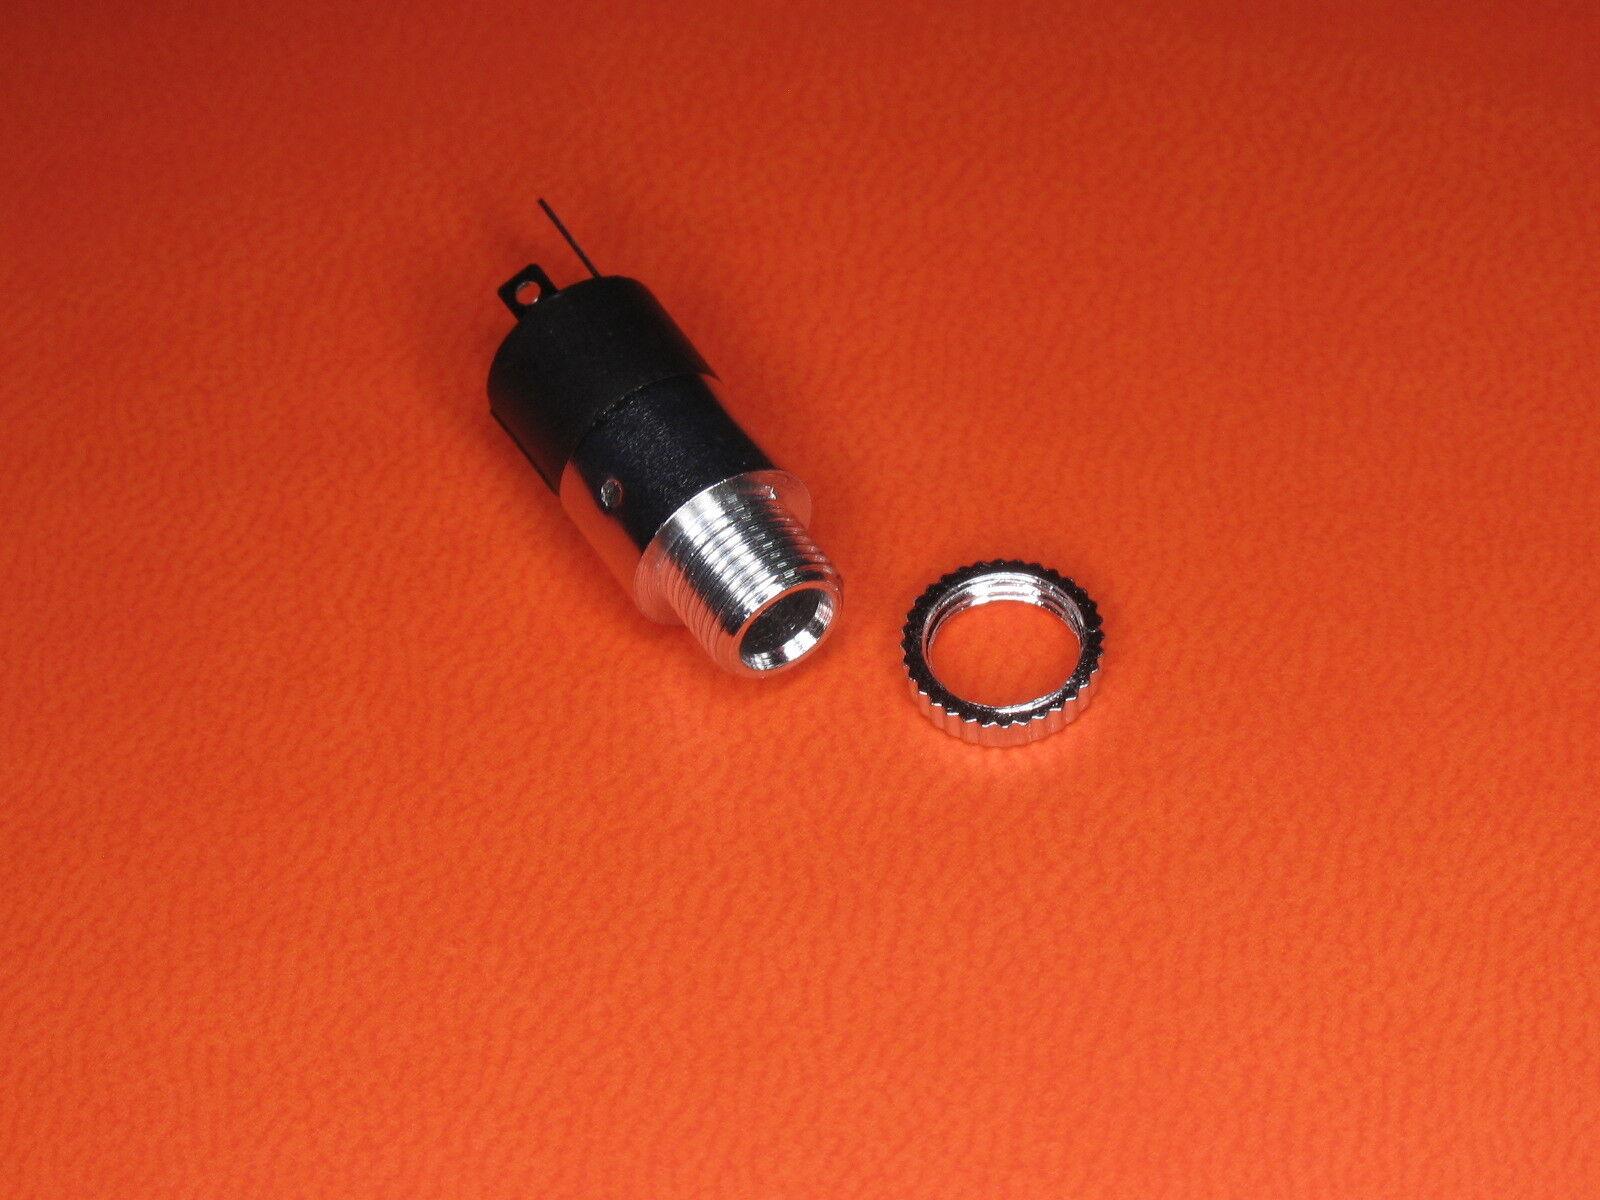 AUX 3,5 ,Klinkenbuchse, Einbaubuchse Audio, Klinke 3,5mm, 3 Pin, 2 Stück